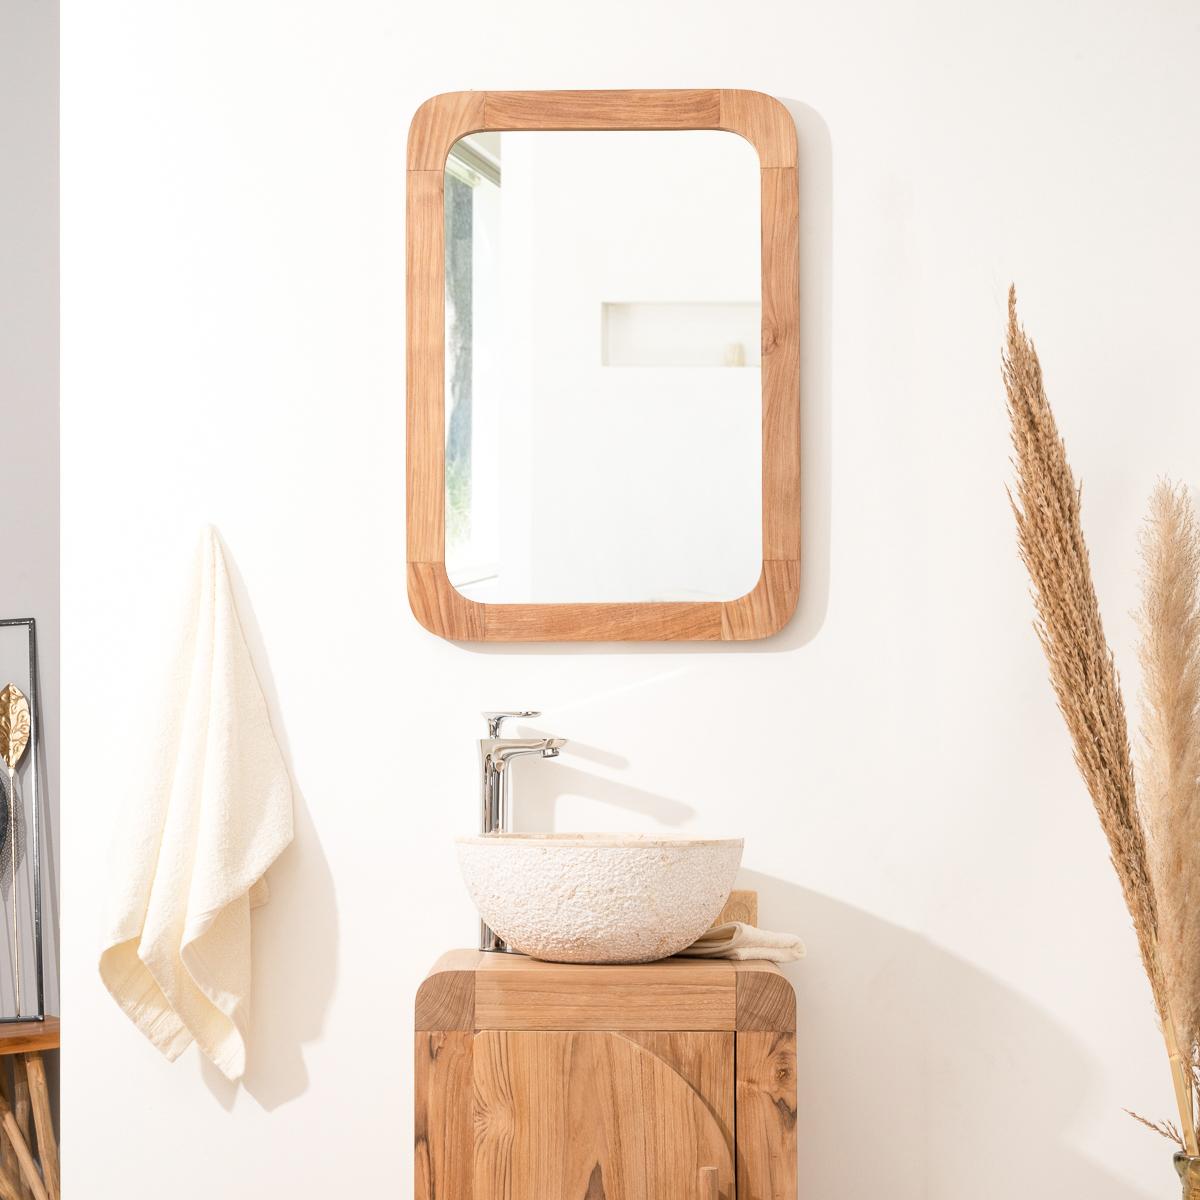 Miroir de salle de bain + tablette en bois massif (teck) : Bologne ...